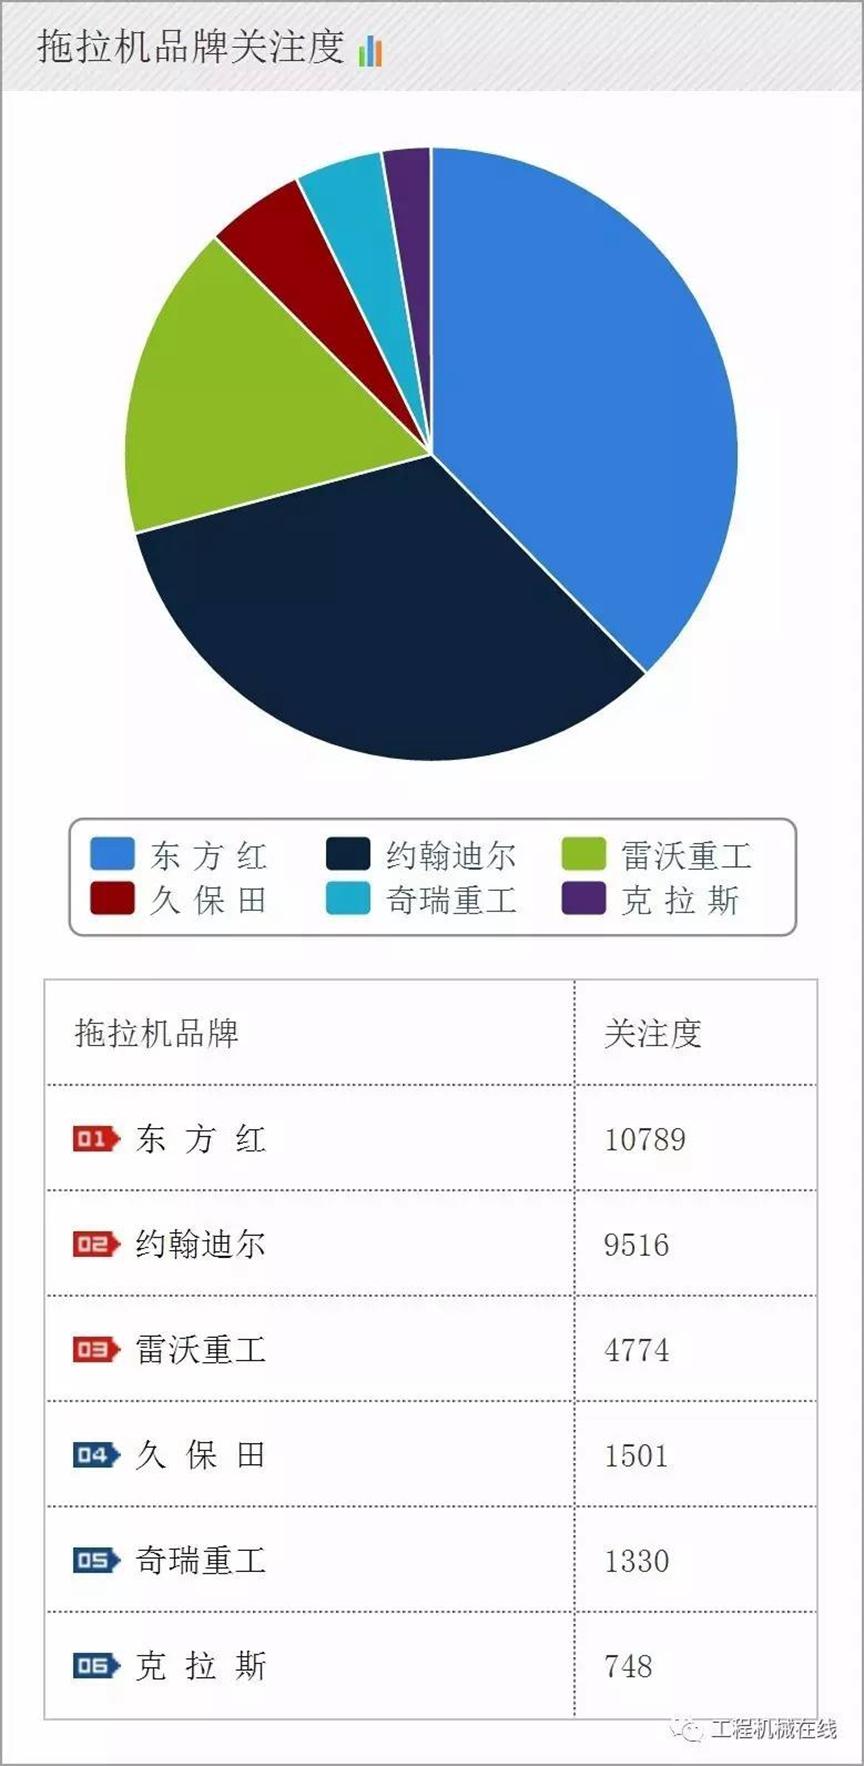 【农机指数】2017年7月农业机械品牌关注度排名